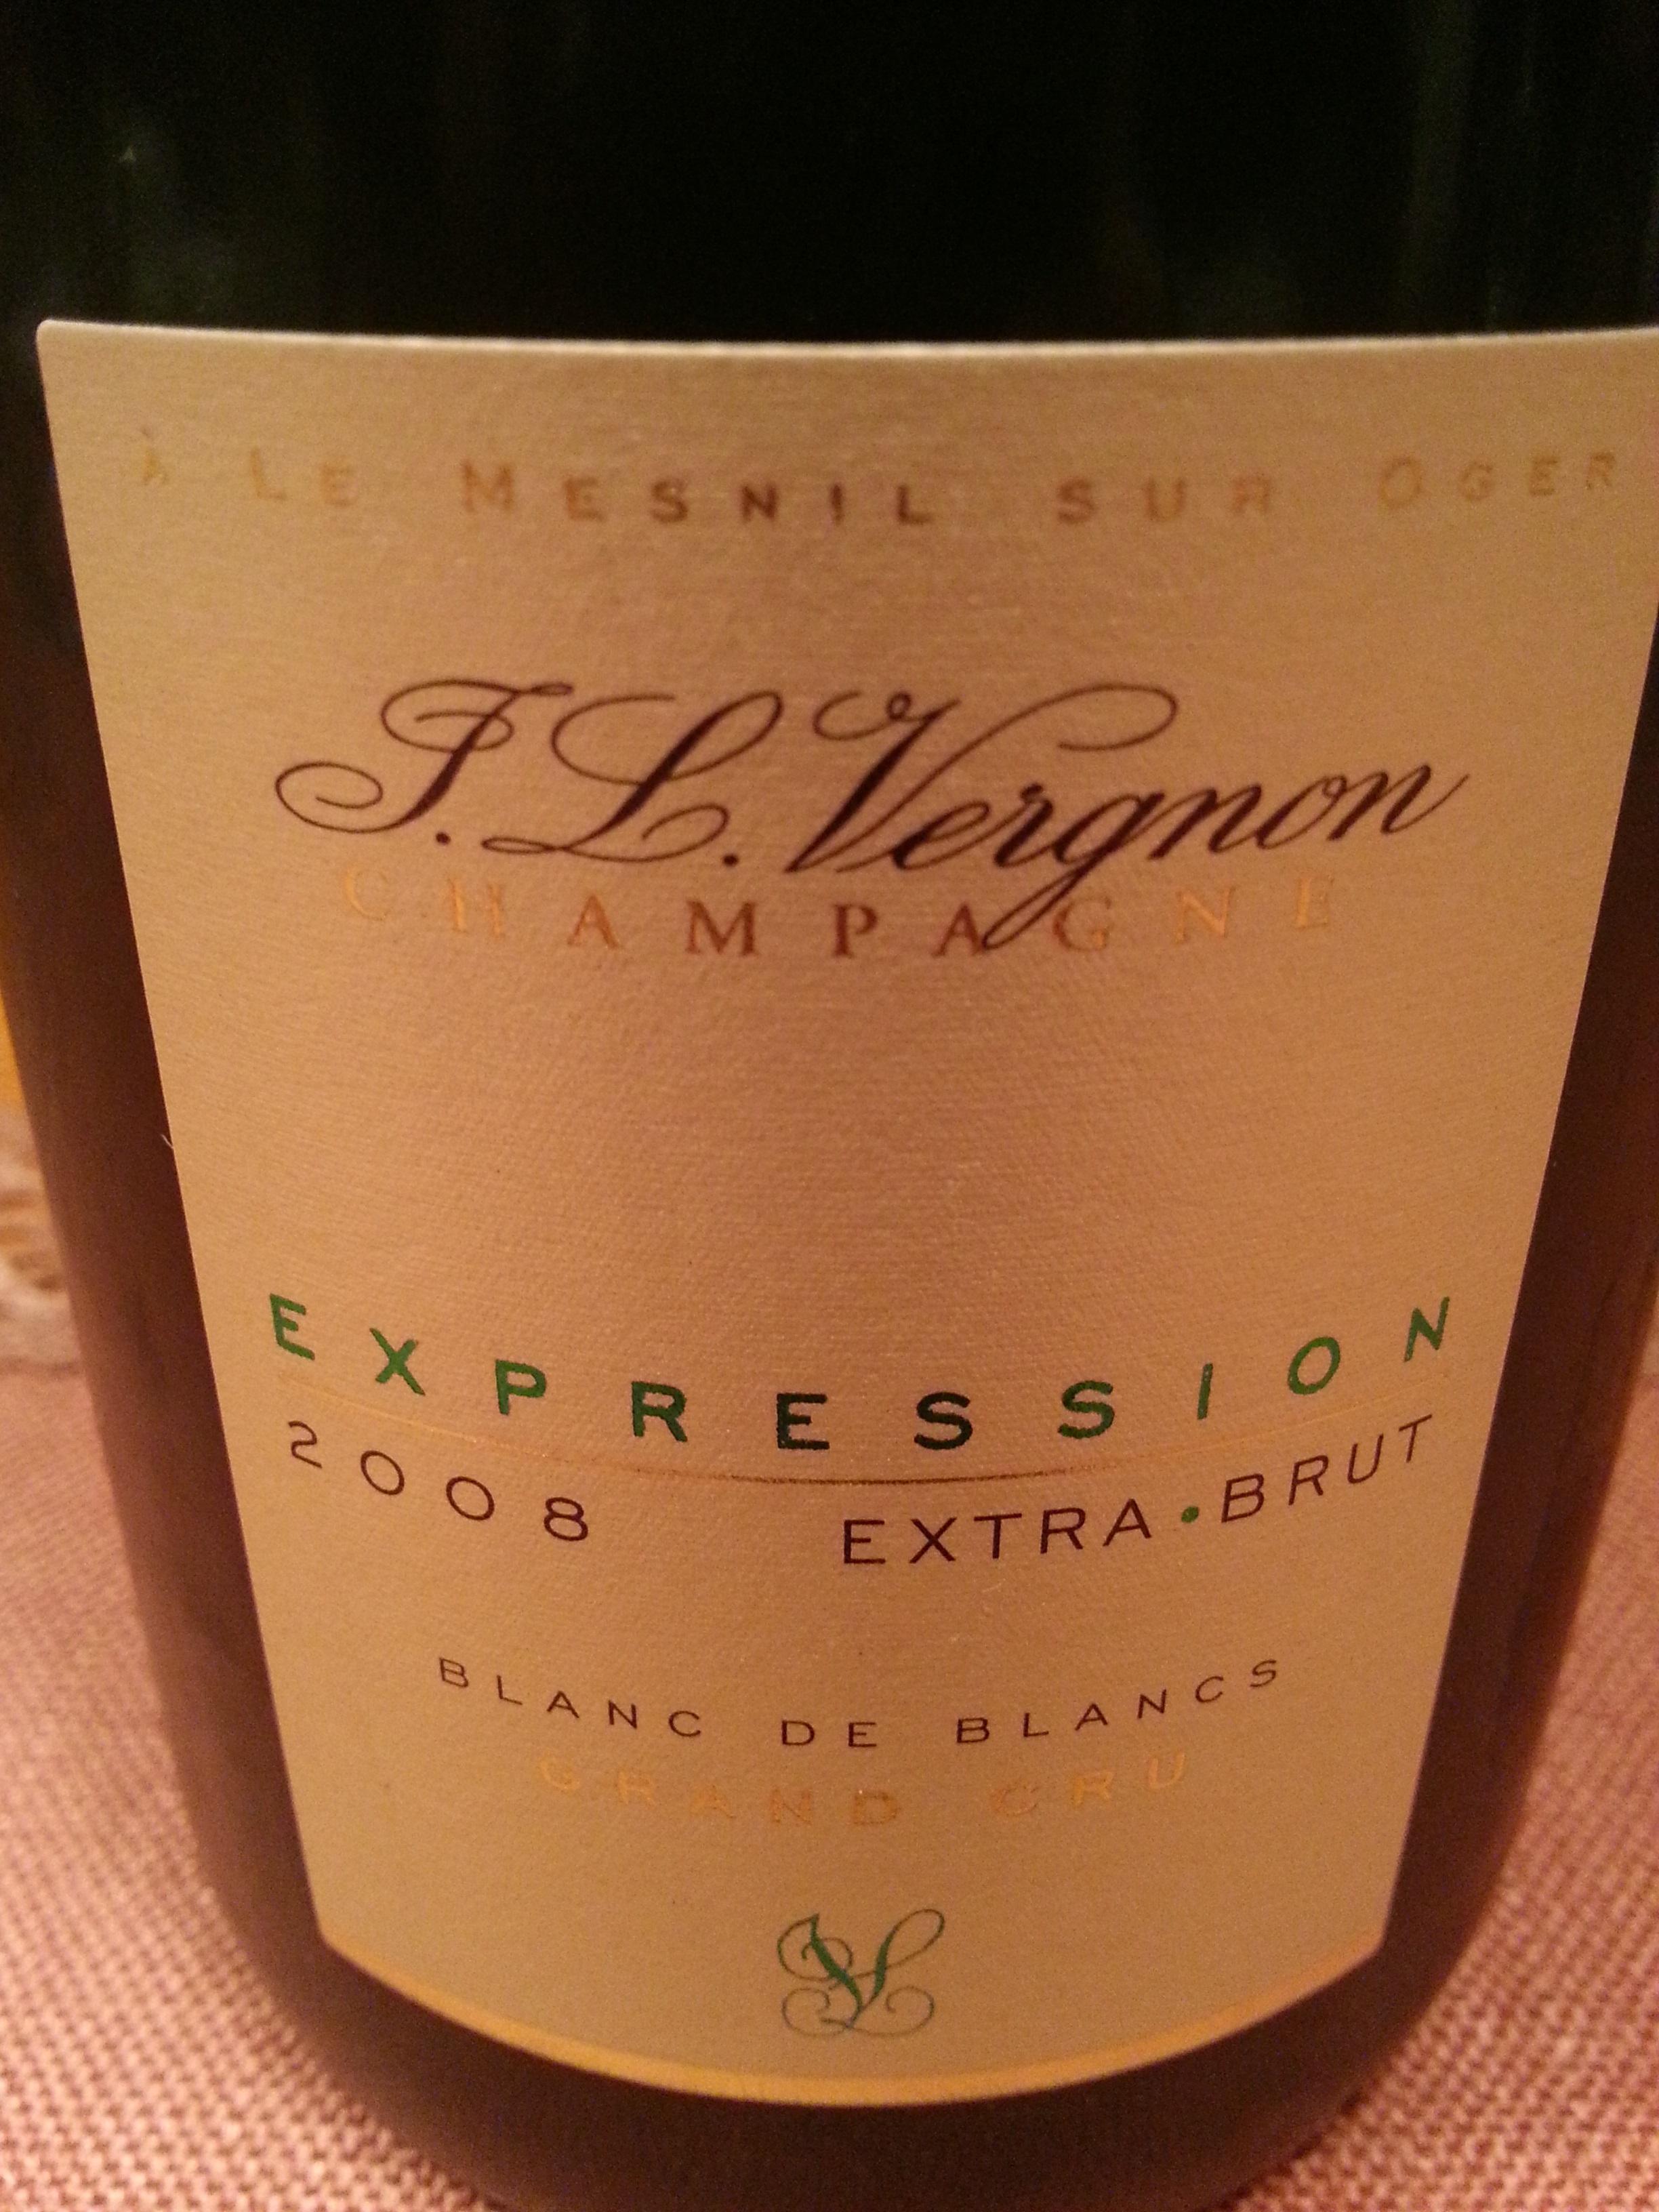 2008 Champagne Expression EB BdB | J. L. Vergnon